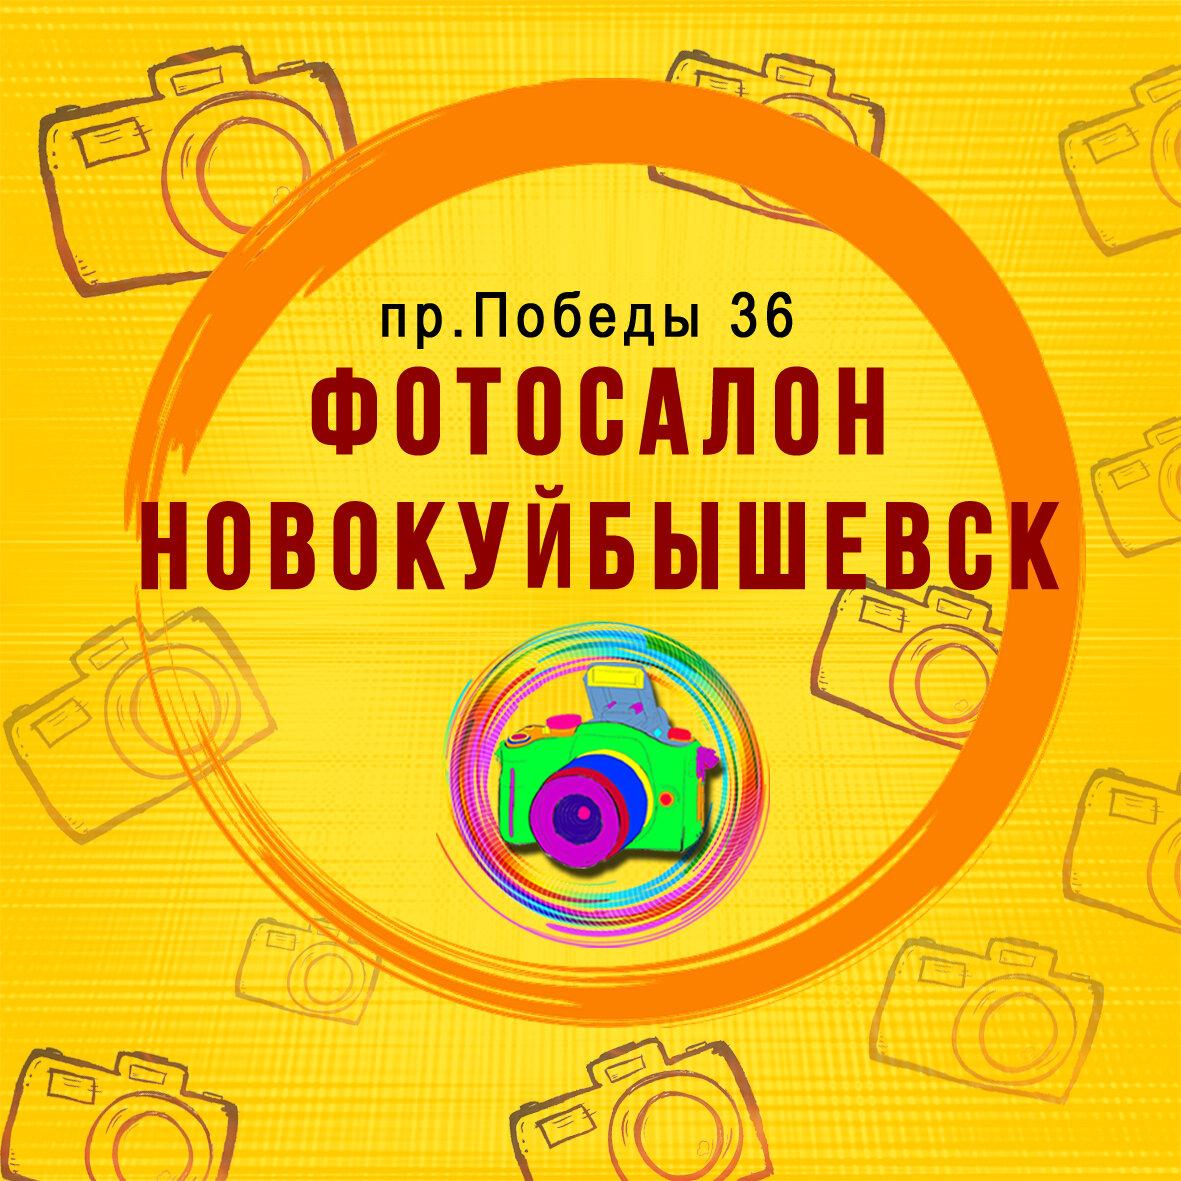 начала фотостудии в новокуйбышевске обеспечить себе